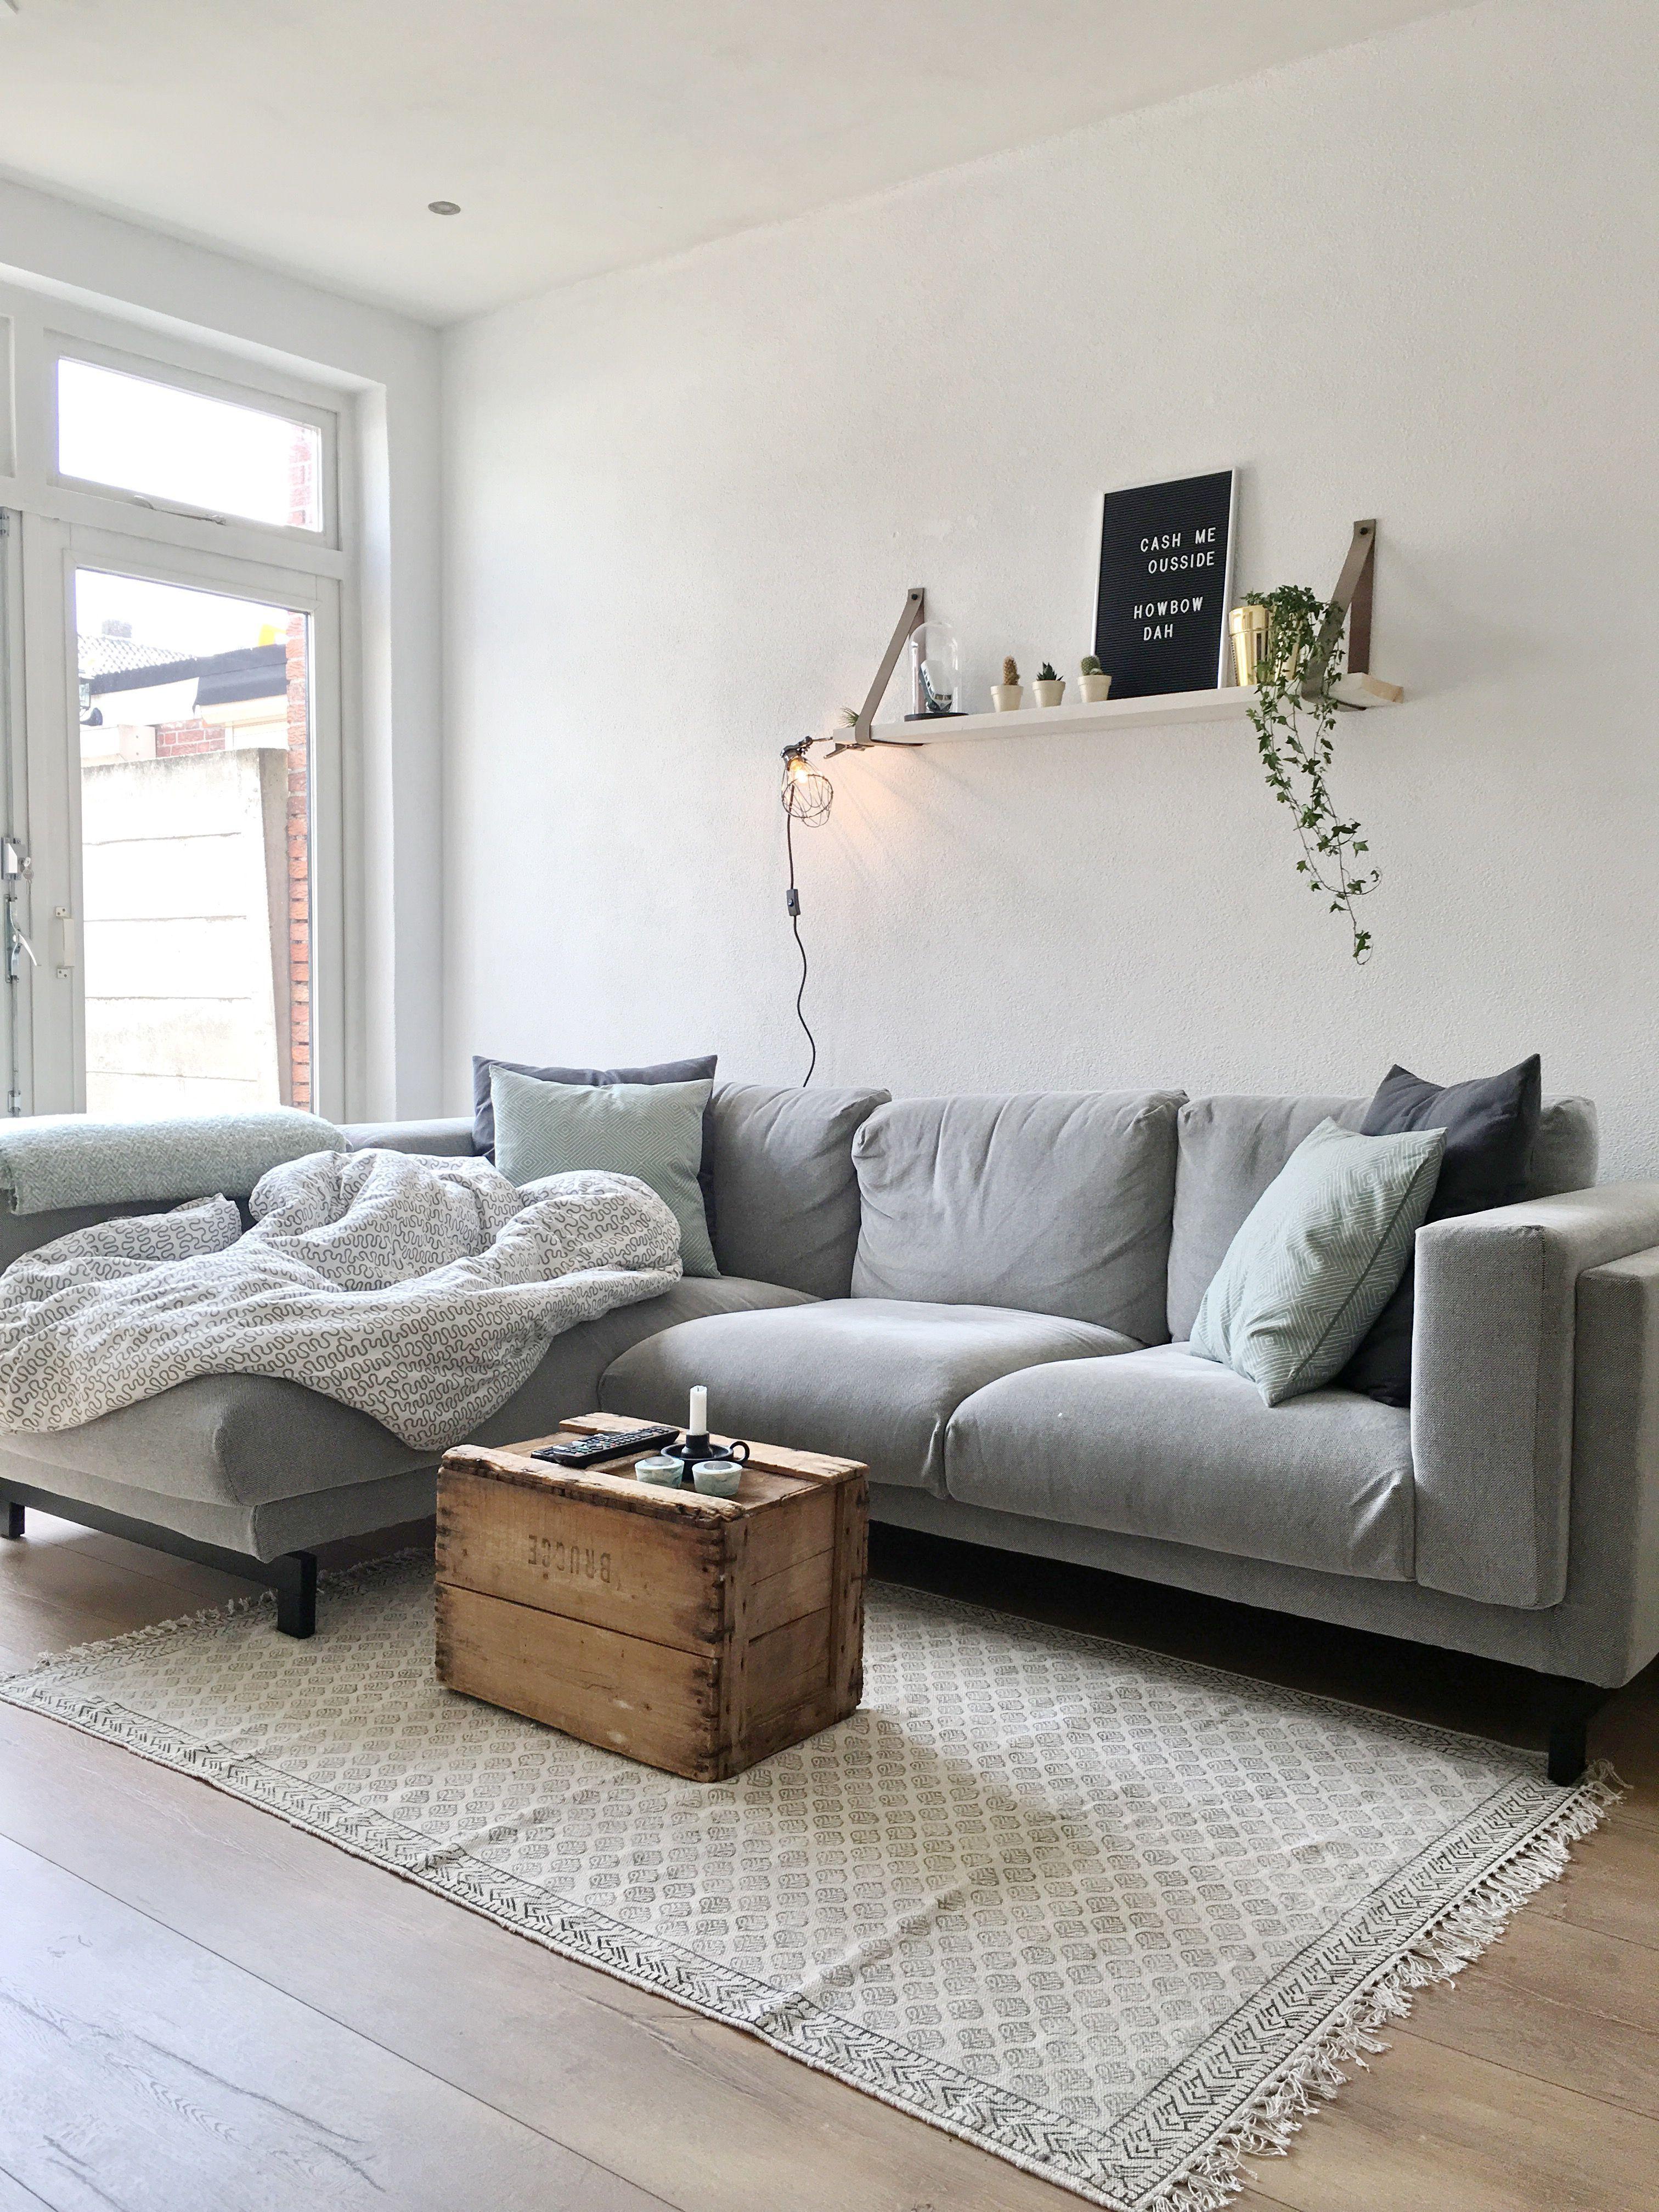 Own home #ikea #ikeanockeby #nockeby #xenos #bijlien  Wohnzimmer